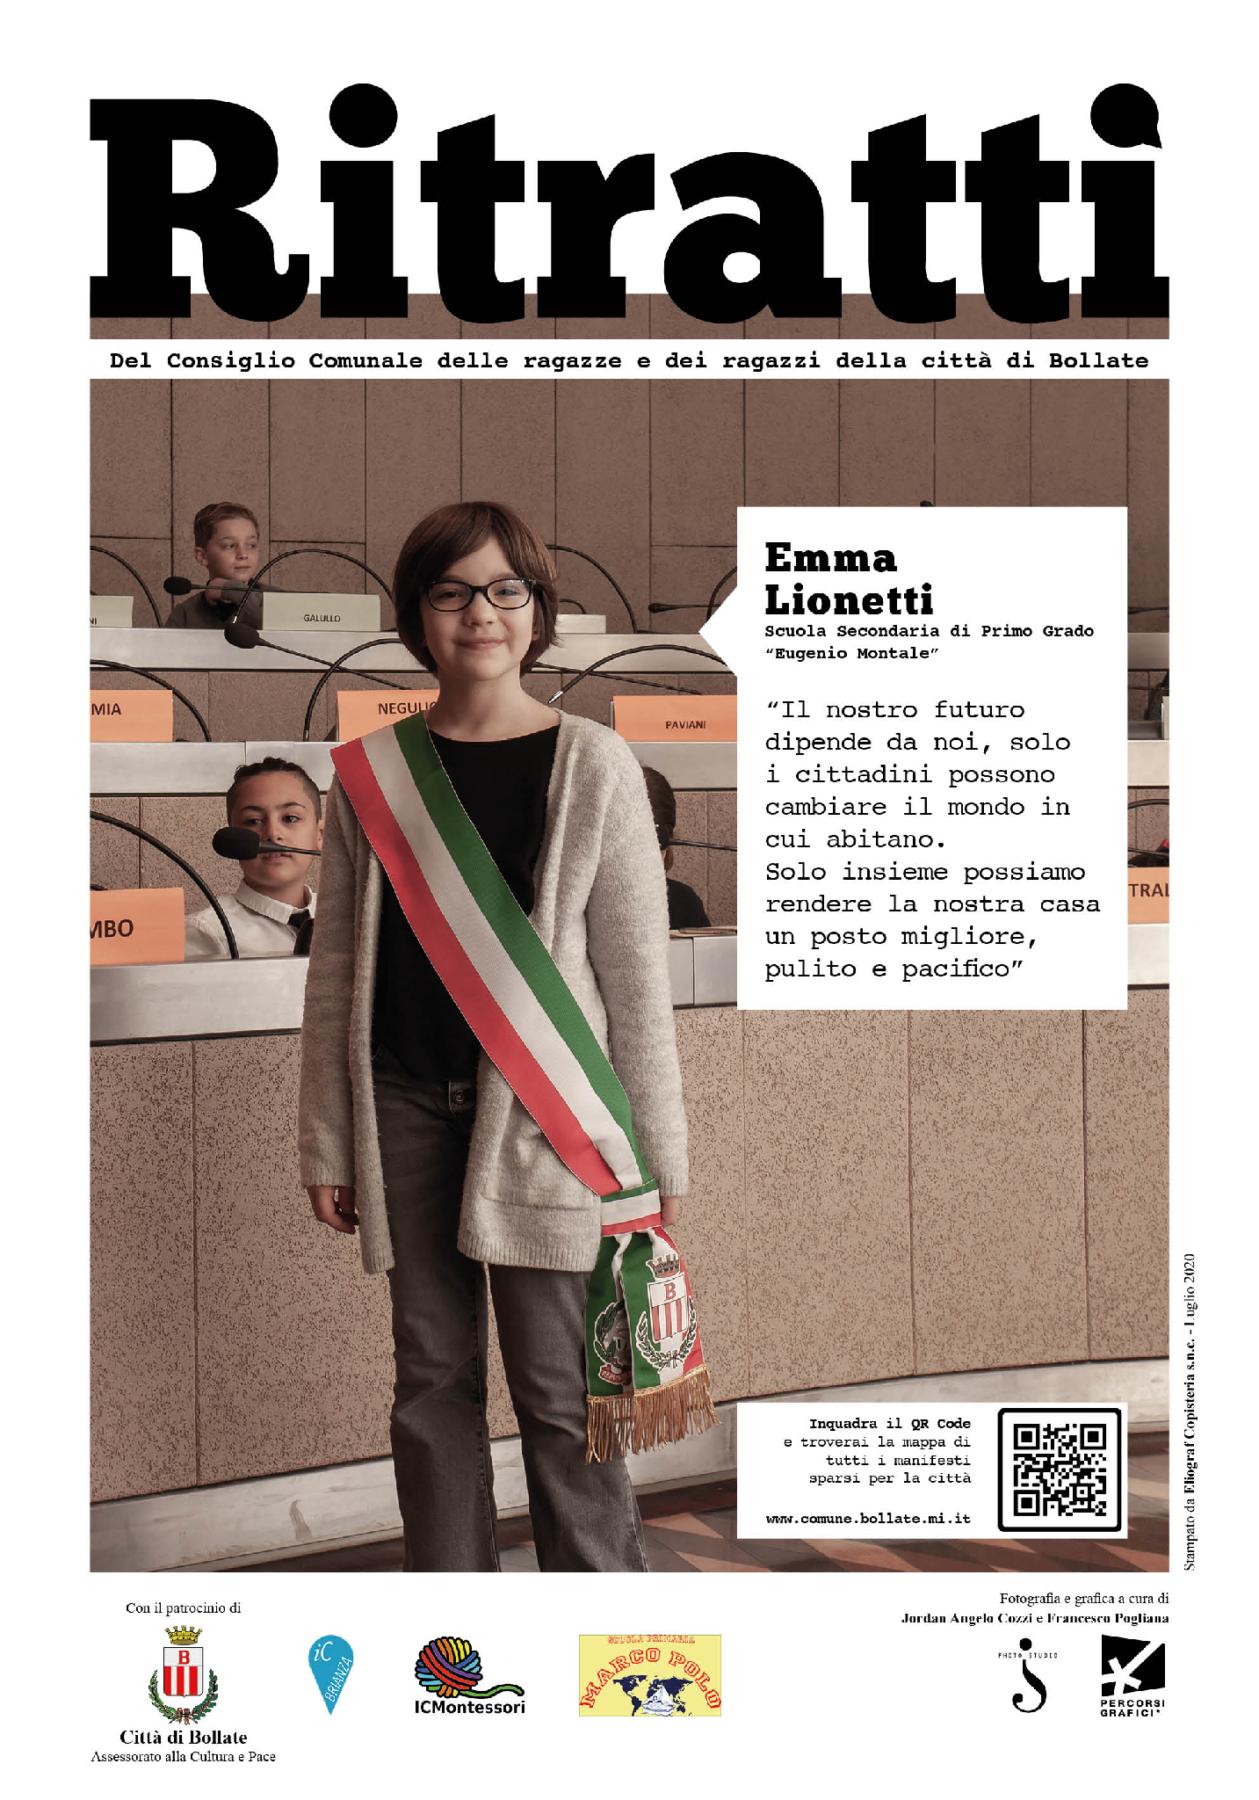 Mostra Bollate - foto di Jordan Angelo Cozzi e grafica di Francesco Pogliana